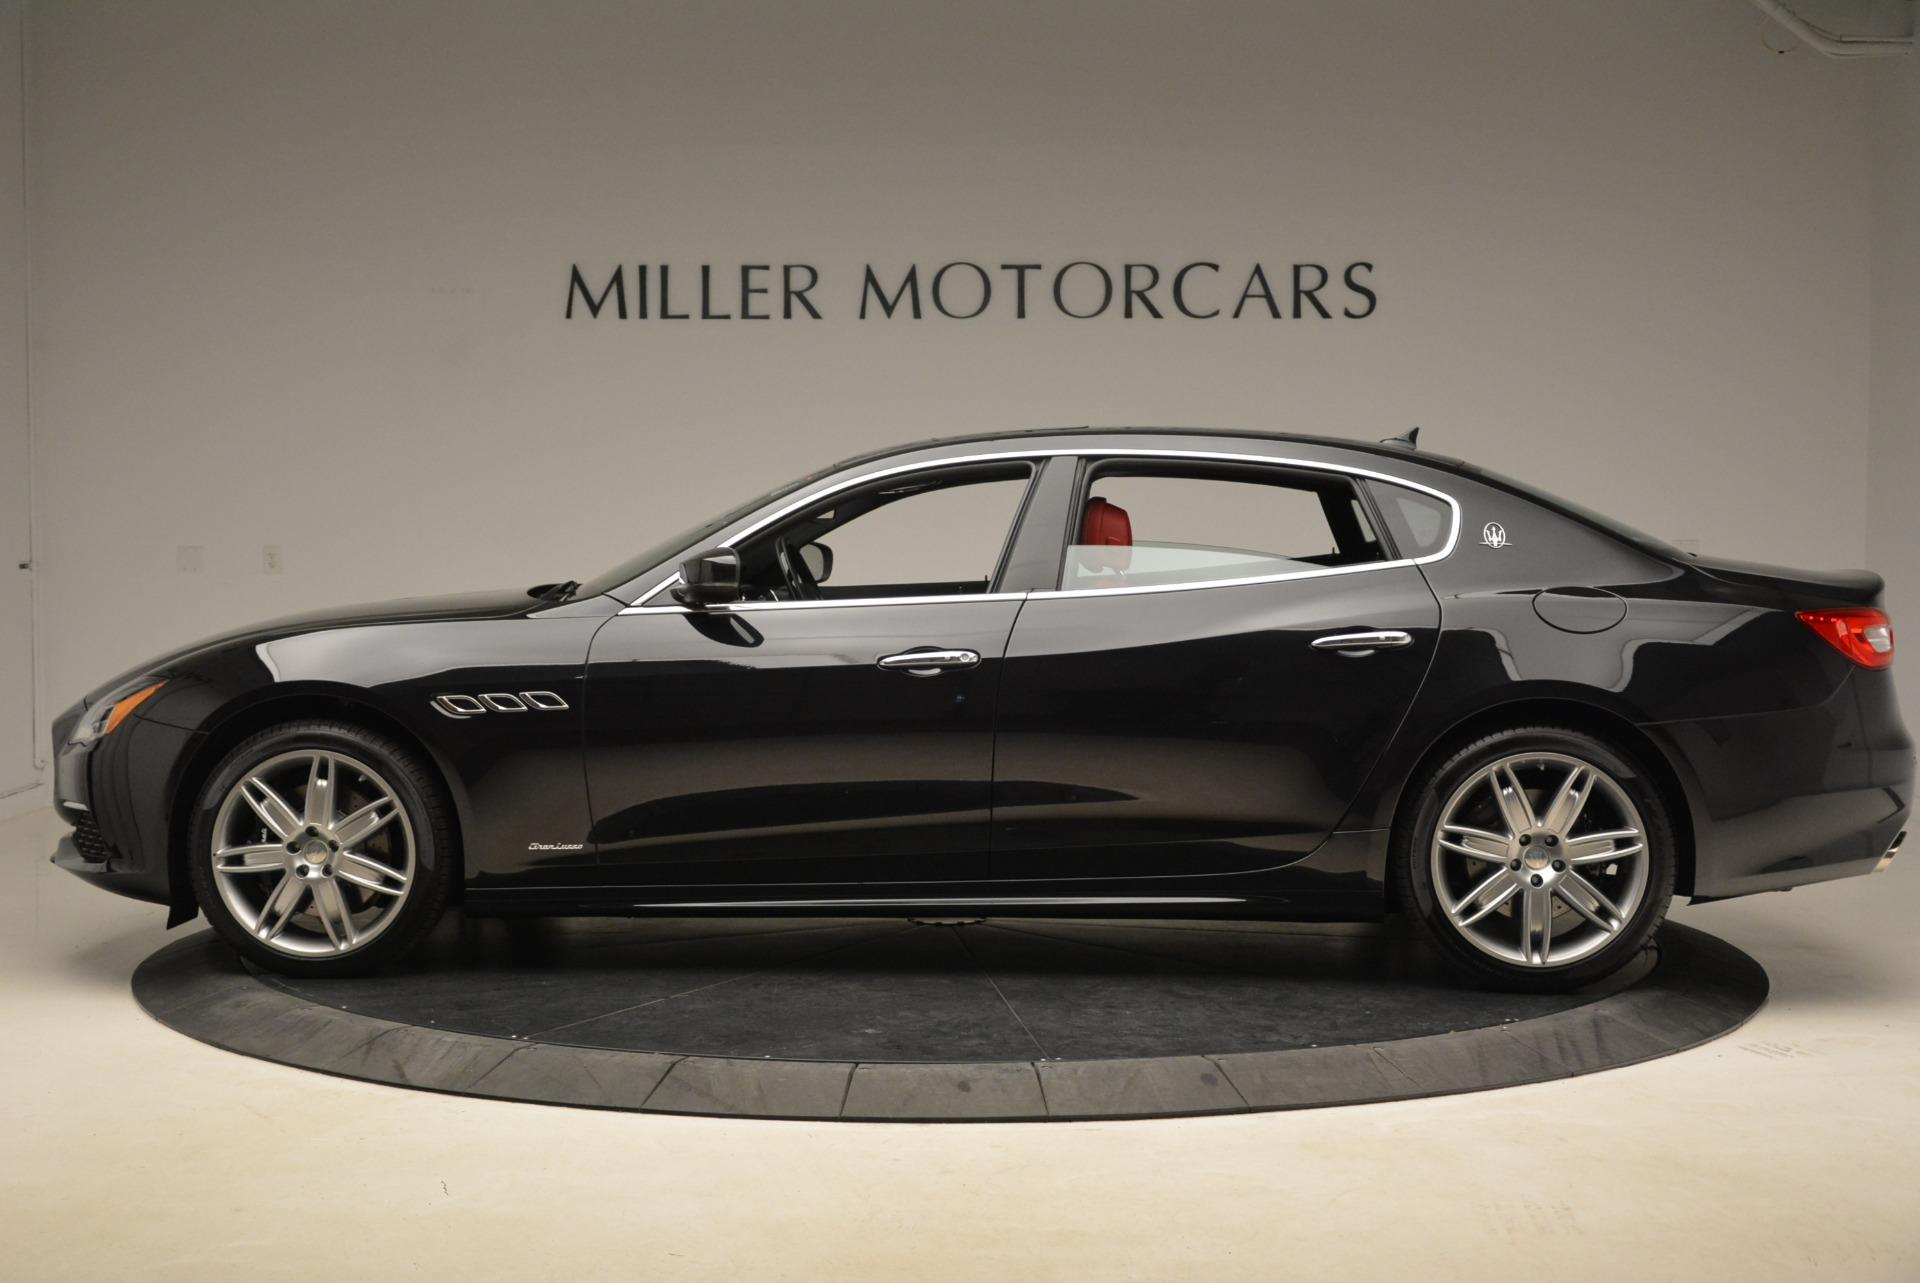 New 2018 Maserati Quattroporte S Q4 GranLusso For Sale In Westport, CT 2390_p3